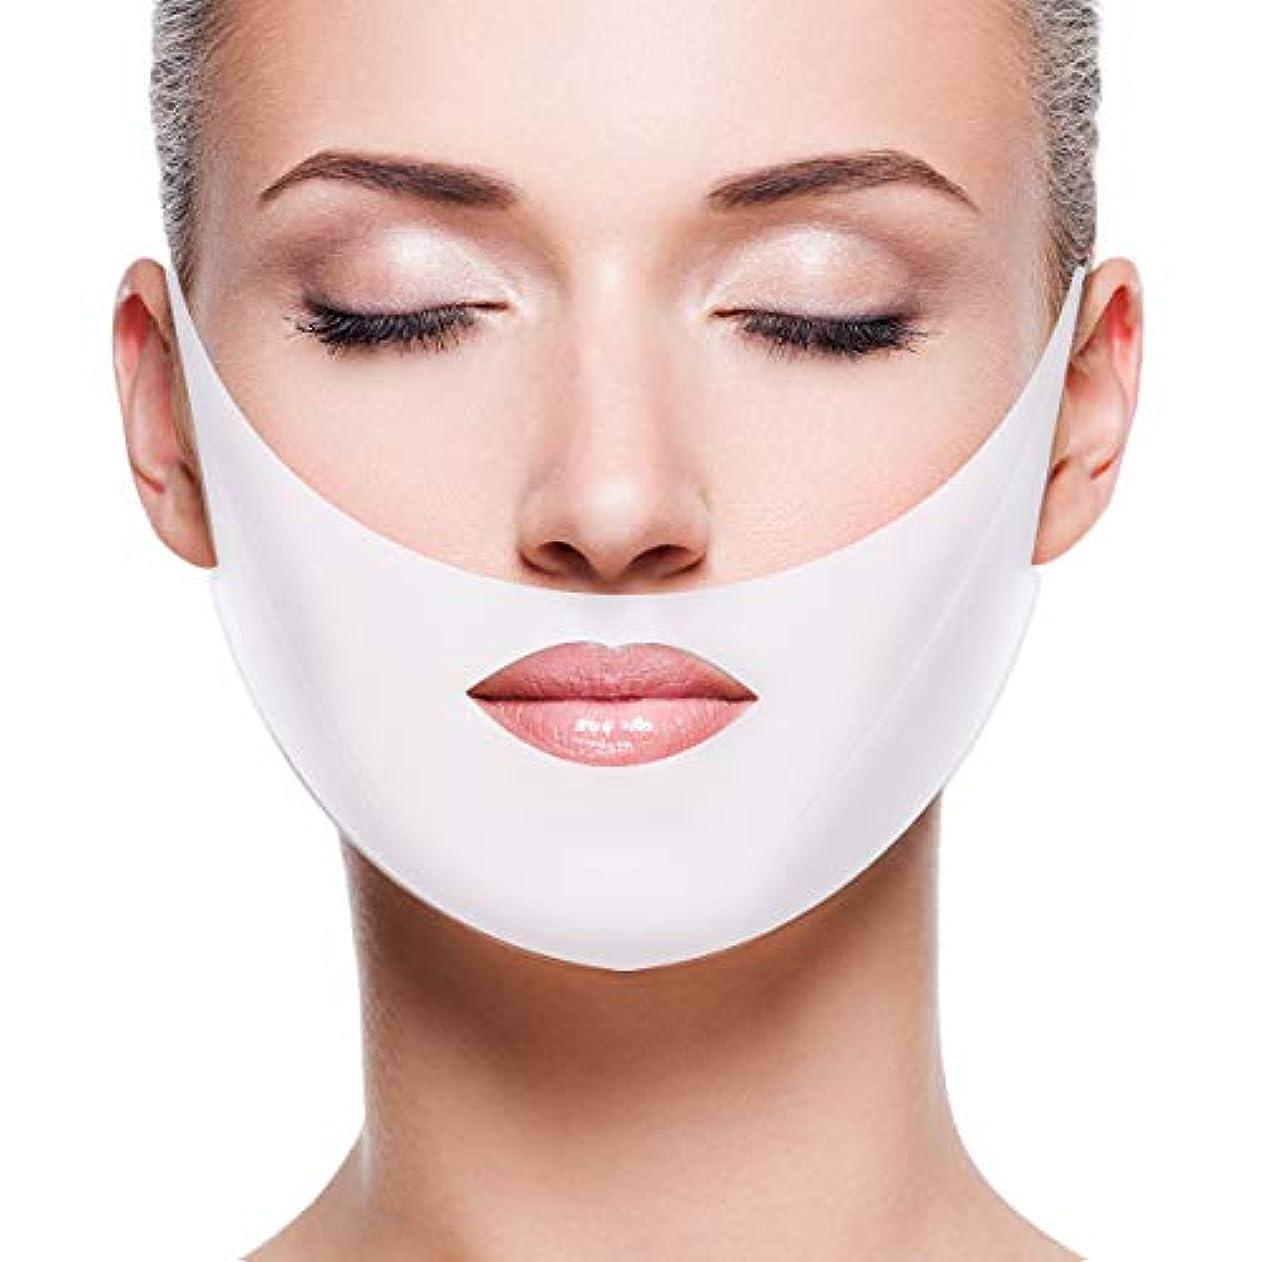 表面調和のとれた同行Creacom 小顔 マスク フェイス マスク 顔パック 顎サポーター リフトアップ 引き締め 法令線 予防 抗シワ 通気性抜群 美容グッズ 小顔美人 男女兼用 3/5枚入り